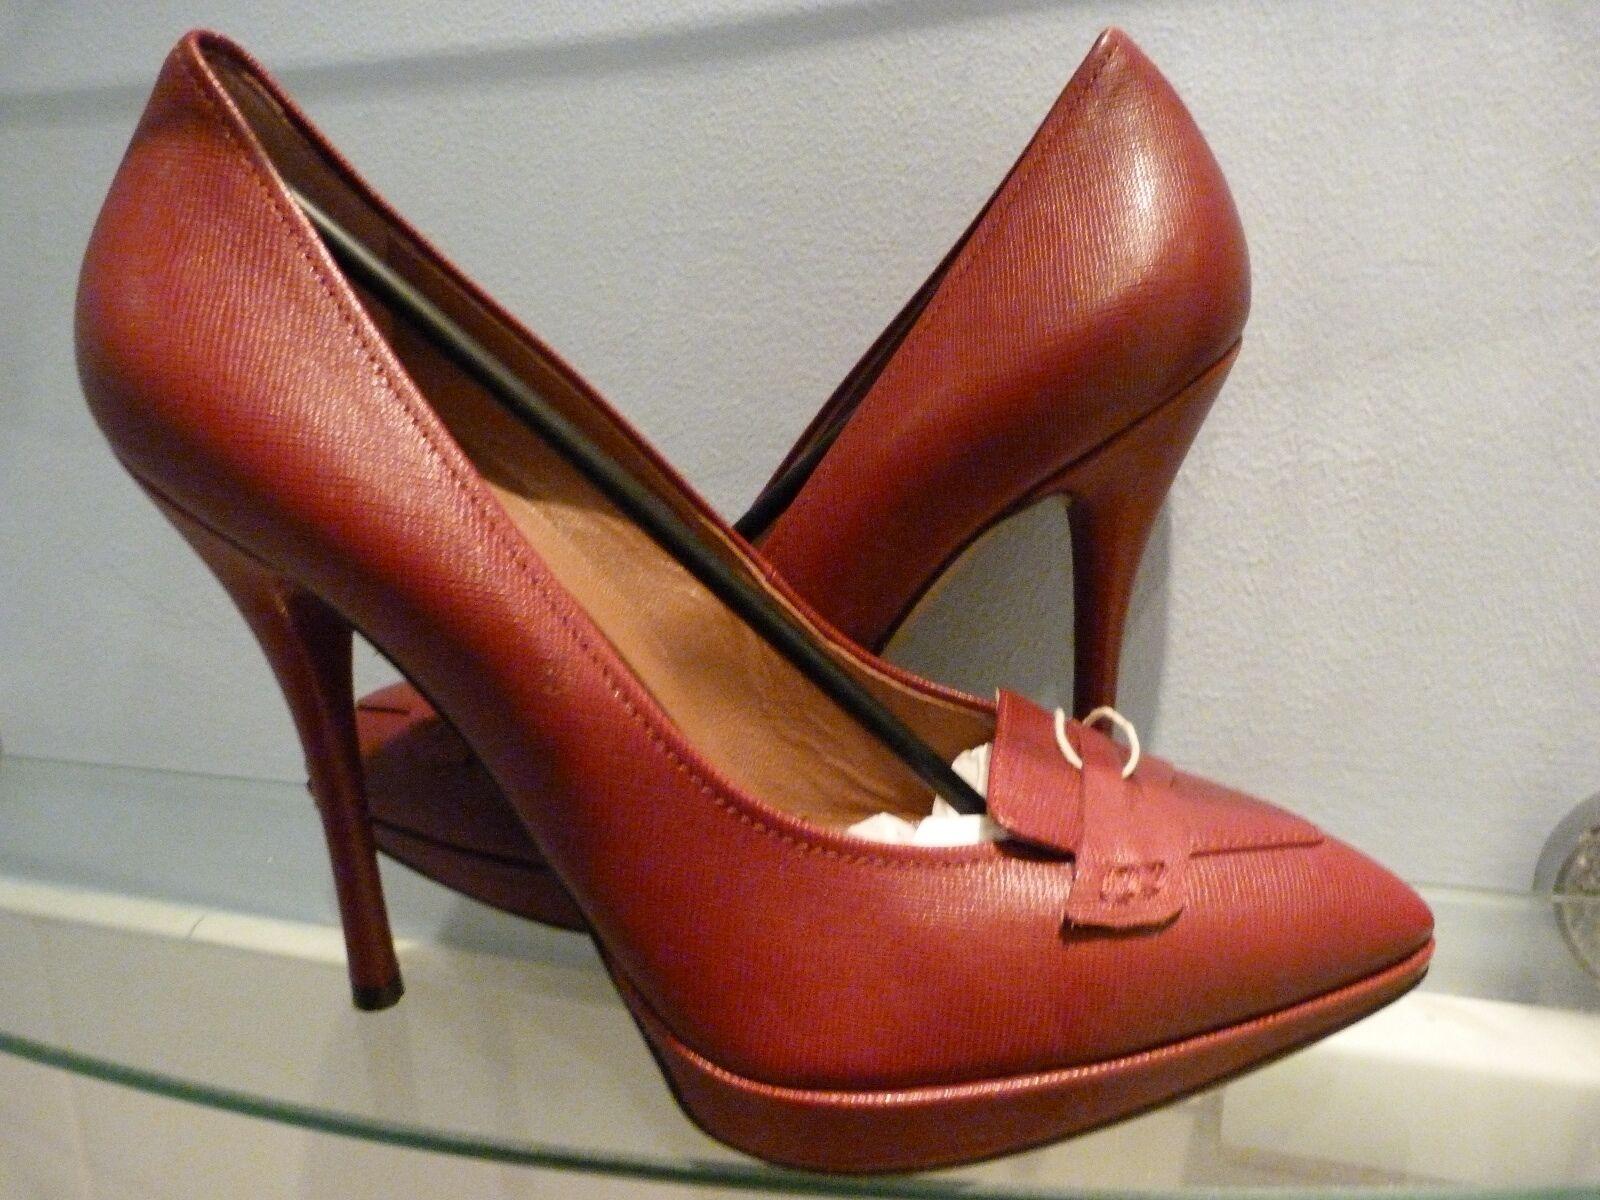 NEW L'AUTRE CHOSE SAFFIANO BORDEAUX STILETTO Schuhe .. UK 7  EU 40